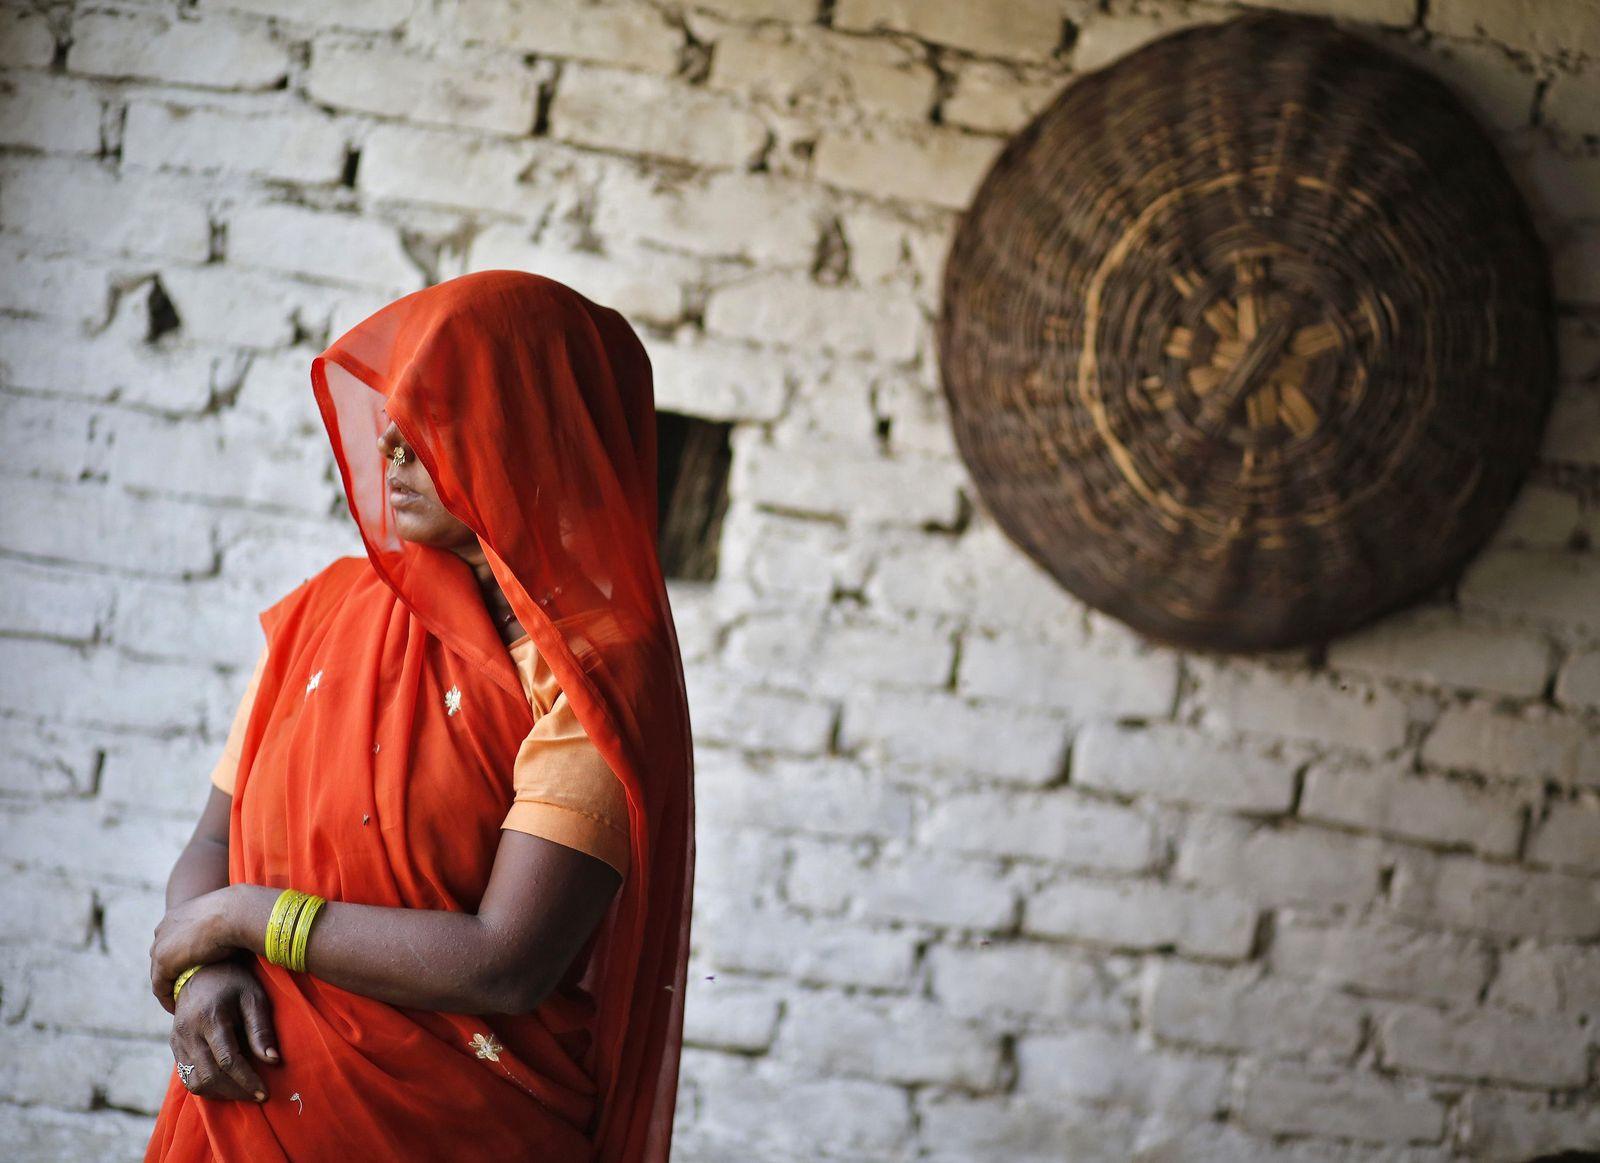 Indien/ Vergewaltigung